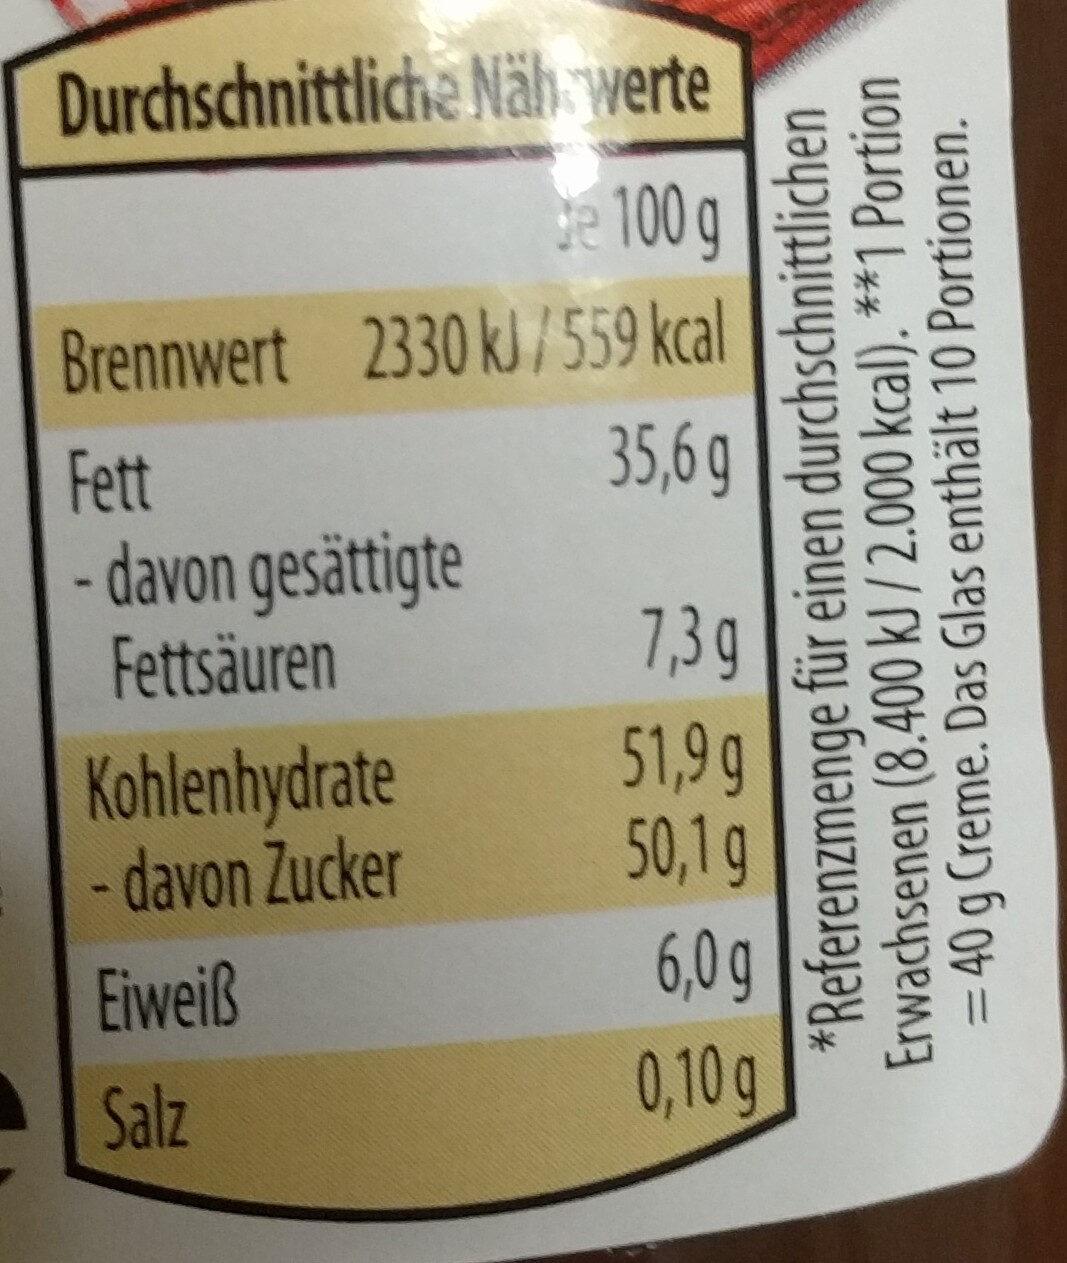 Nutoka noisette nougat crème - Nährwertangaben